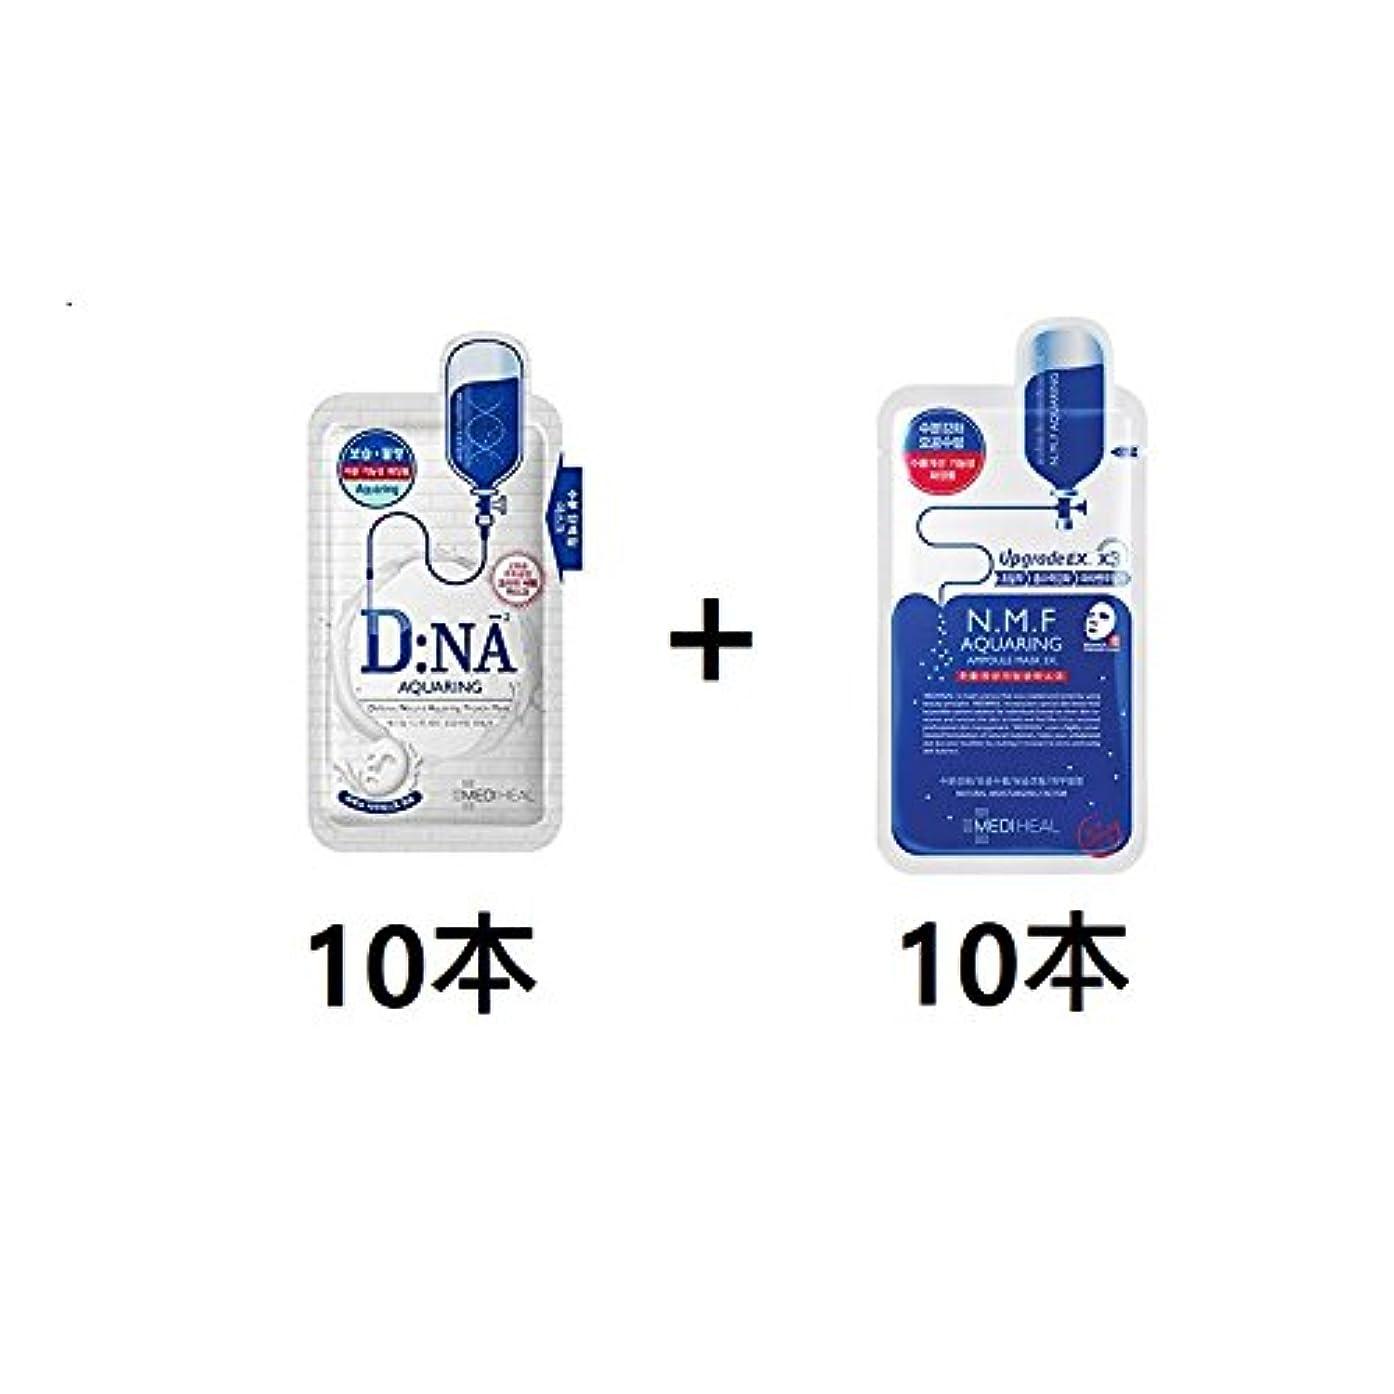 五十年齢散歩に行く[10+10] [メディヒール] Mediheal [N.M.F アクアリング アンプルマスク EX (10枚)] + Mediheal DNA [プロアチン マスクパック (アクアリング) (10枚) ] [並行輸入品]